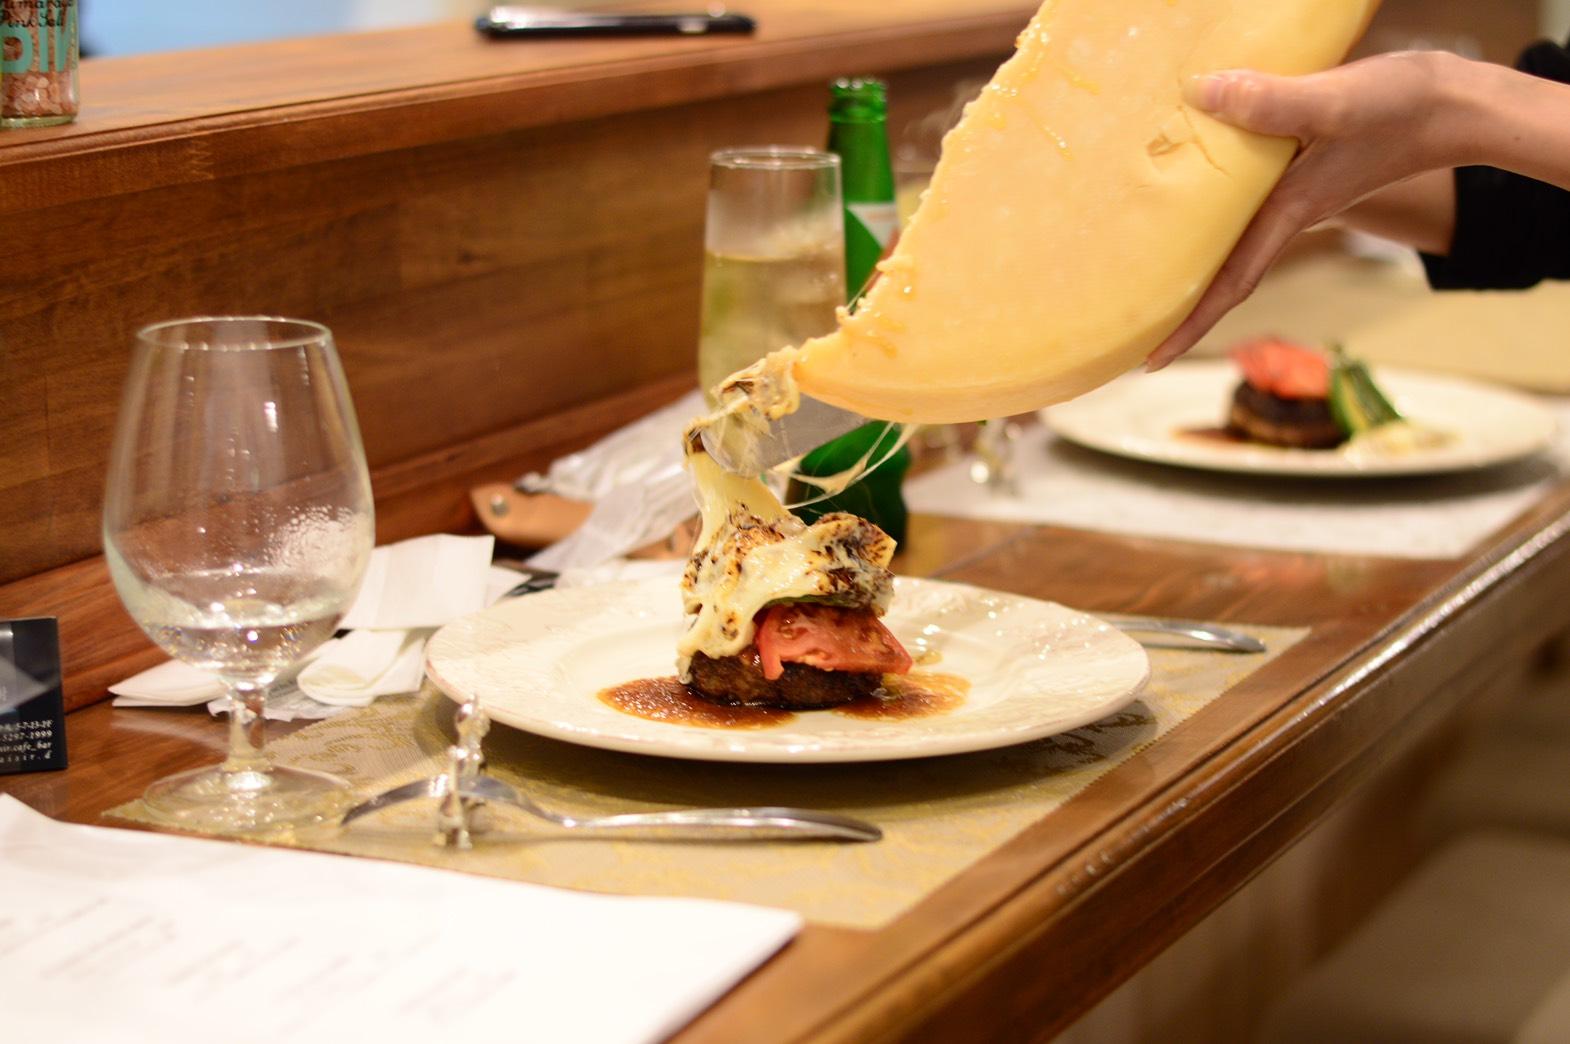 ハンバーグラクレットチーズかけ